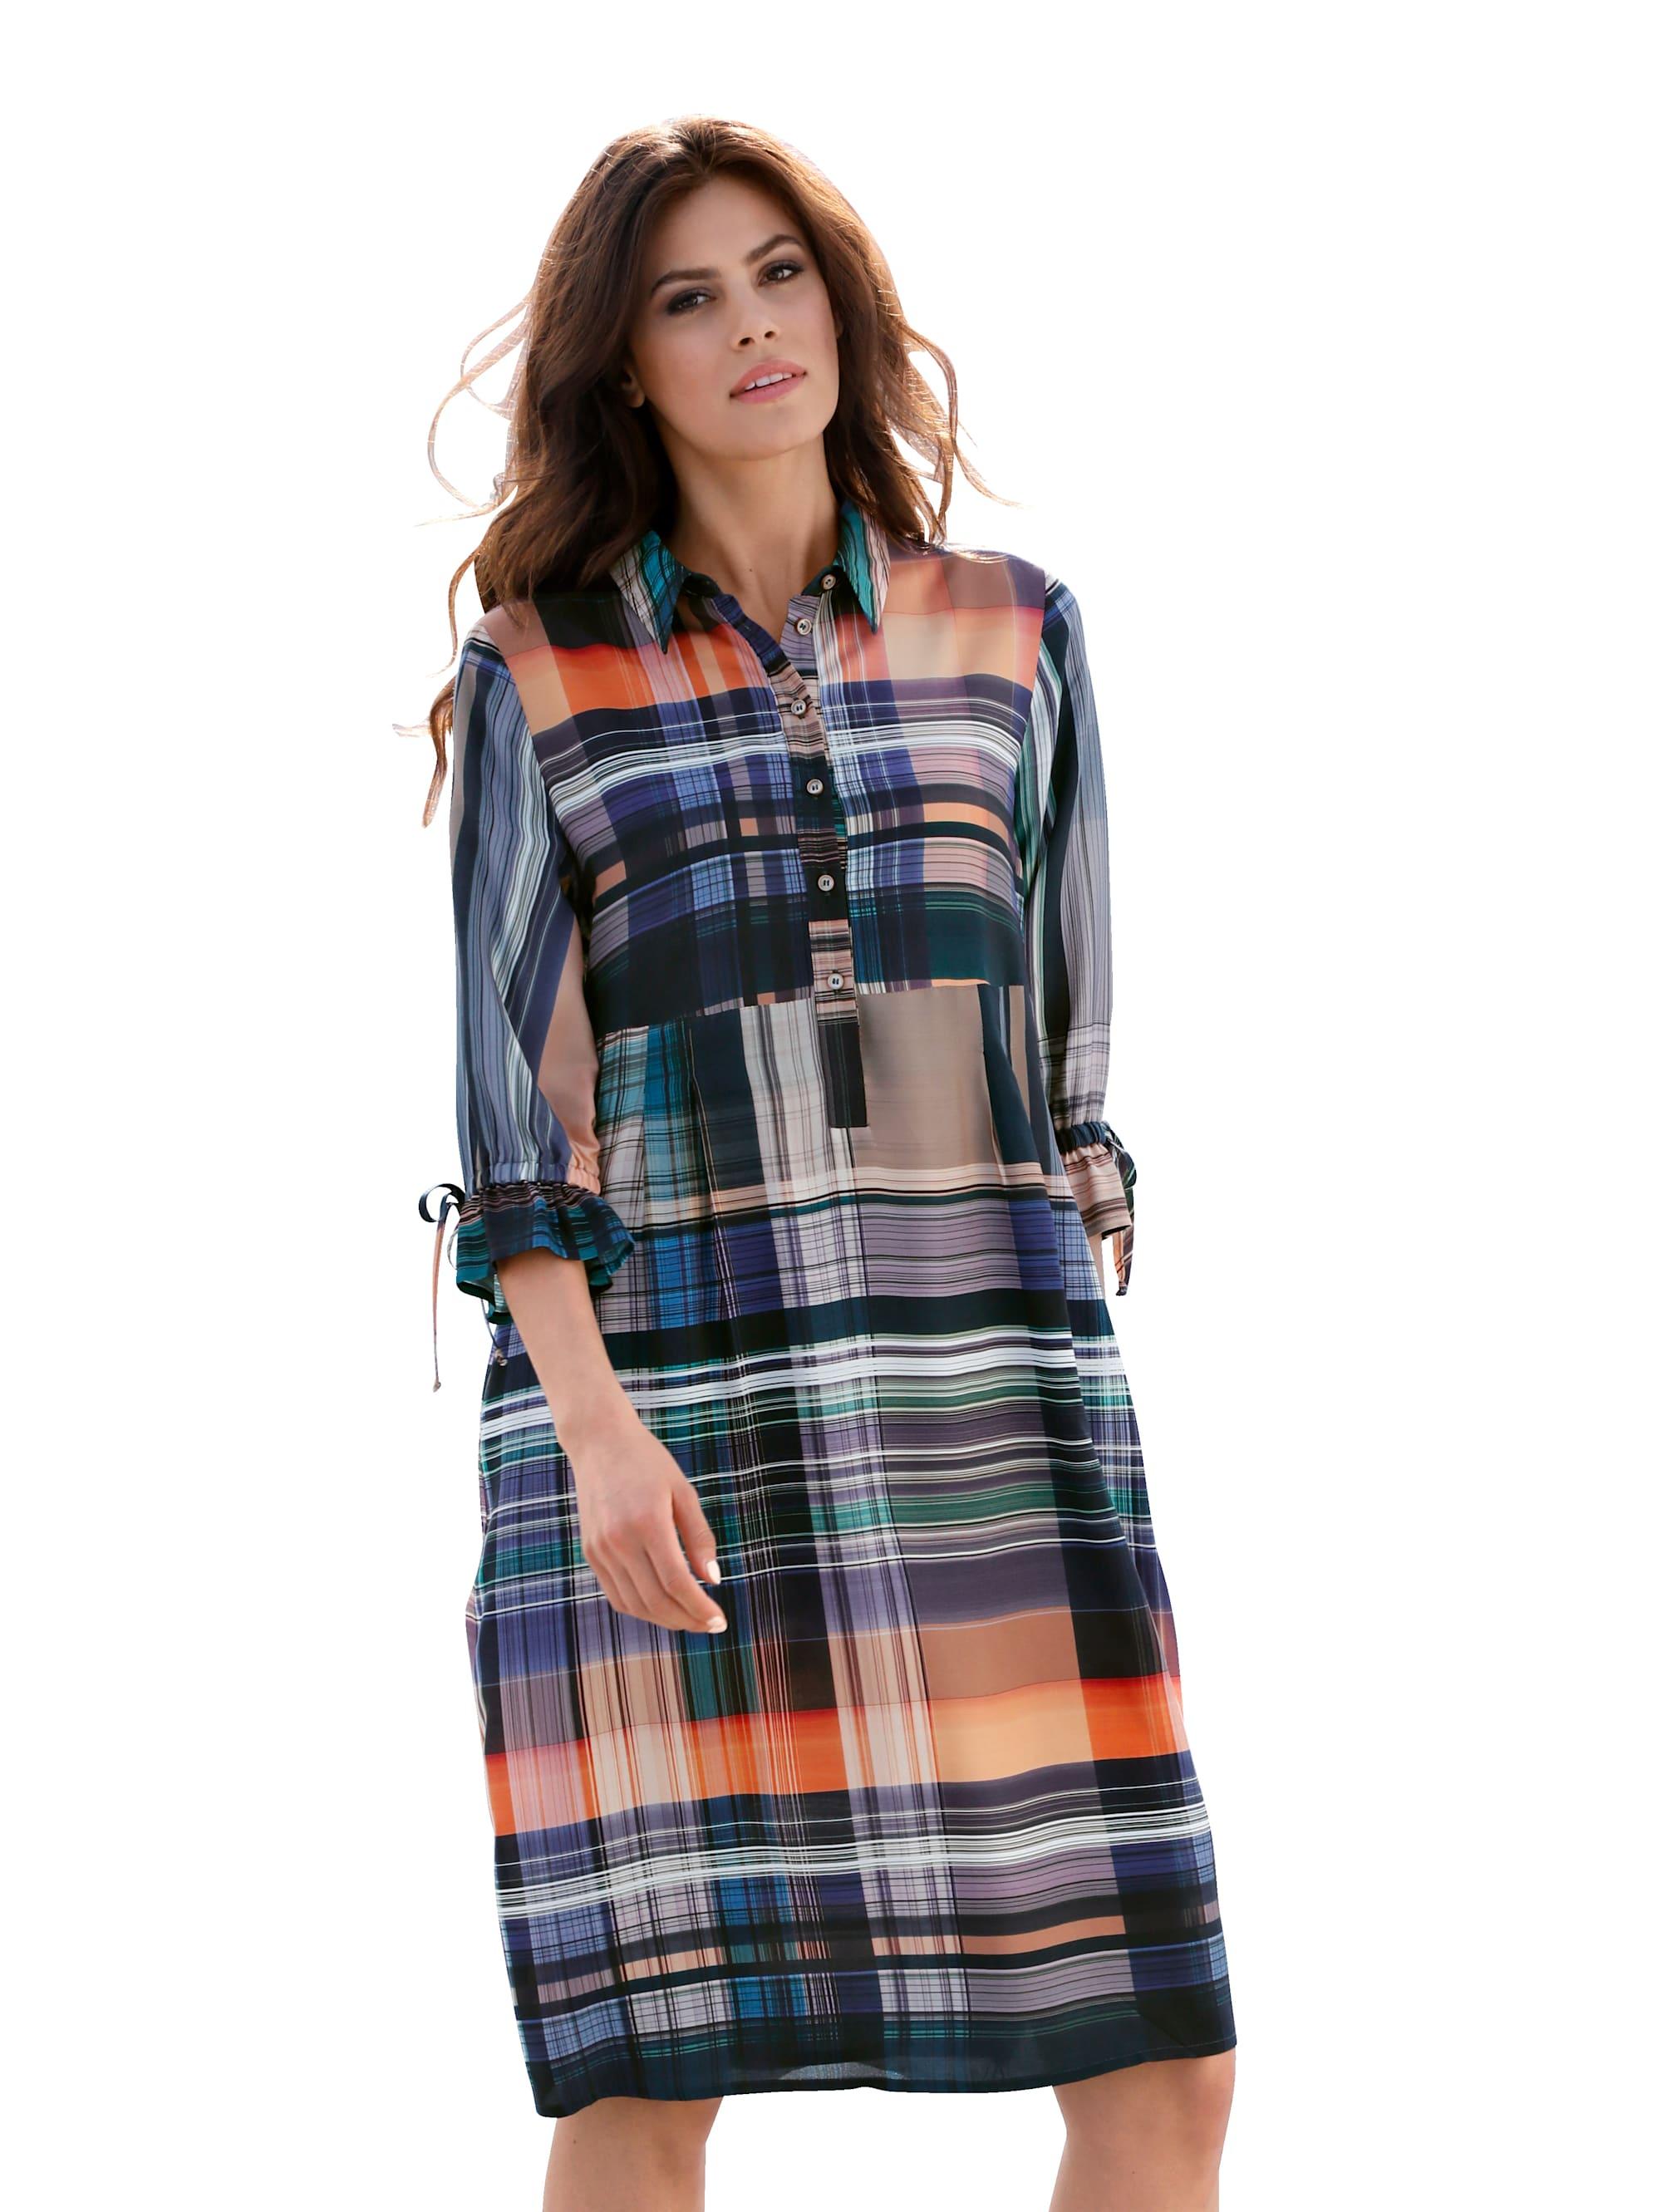 AMY VERMONT Kleid mit modischem Karomuster oHhAf muI0C